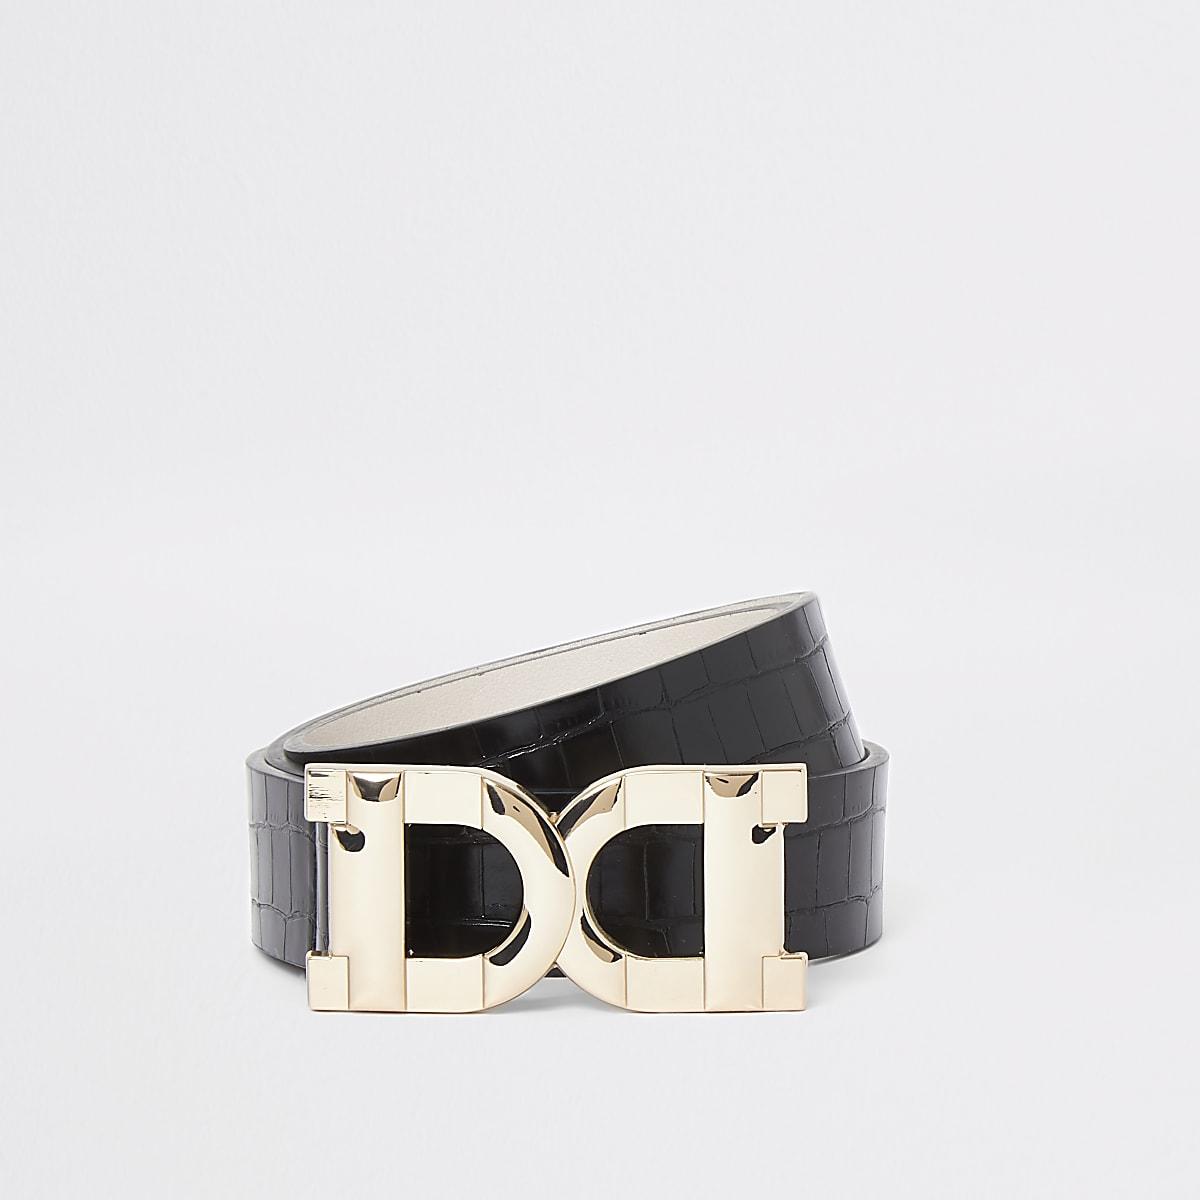 Zwarte riem met dubbele D-ring